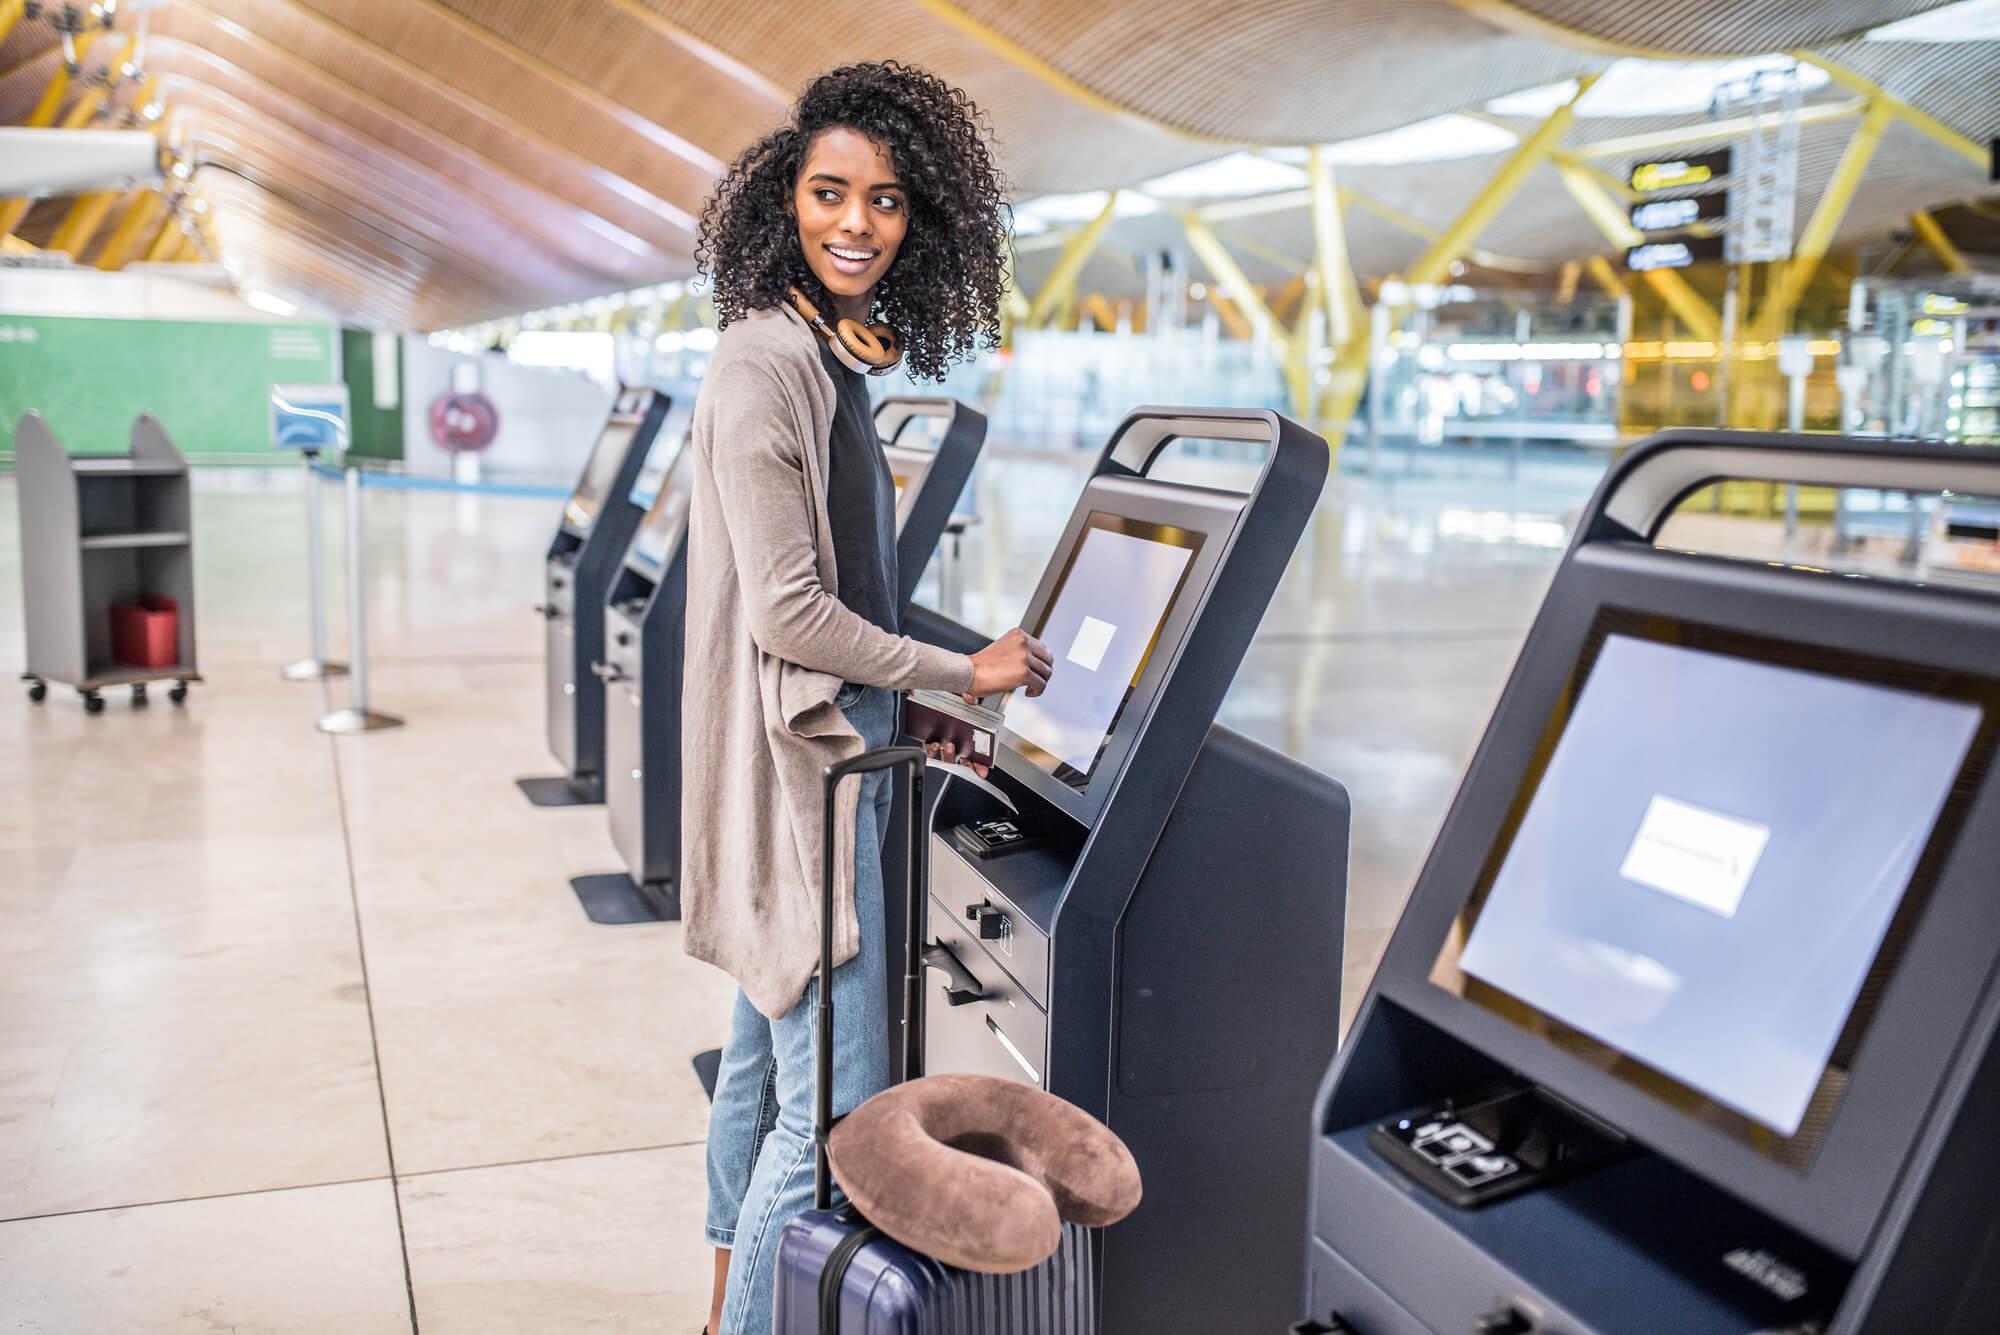 Regras de bagagem: você sabe o que pode e o que não pode?